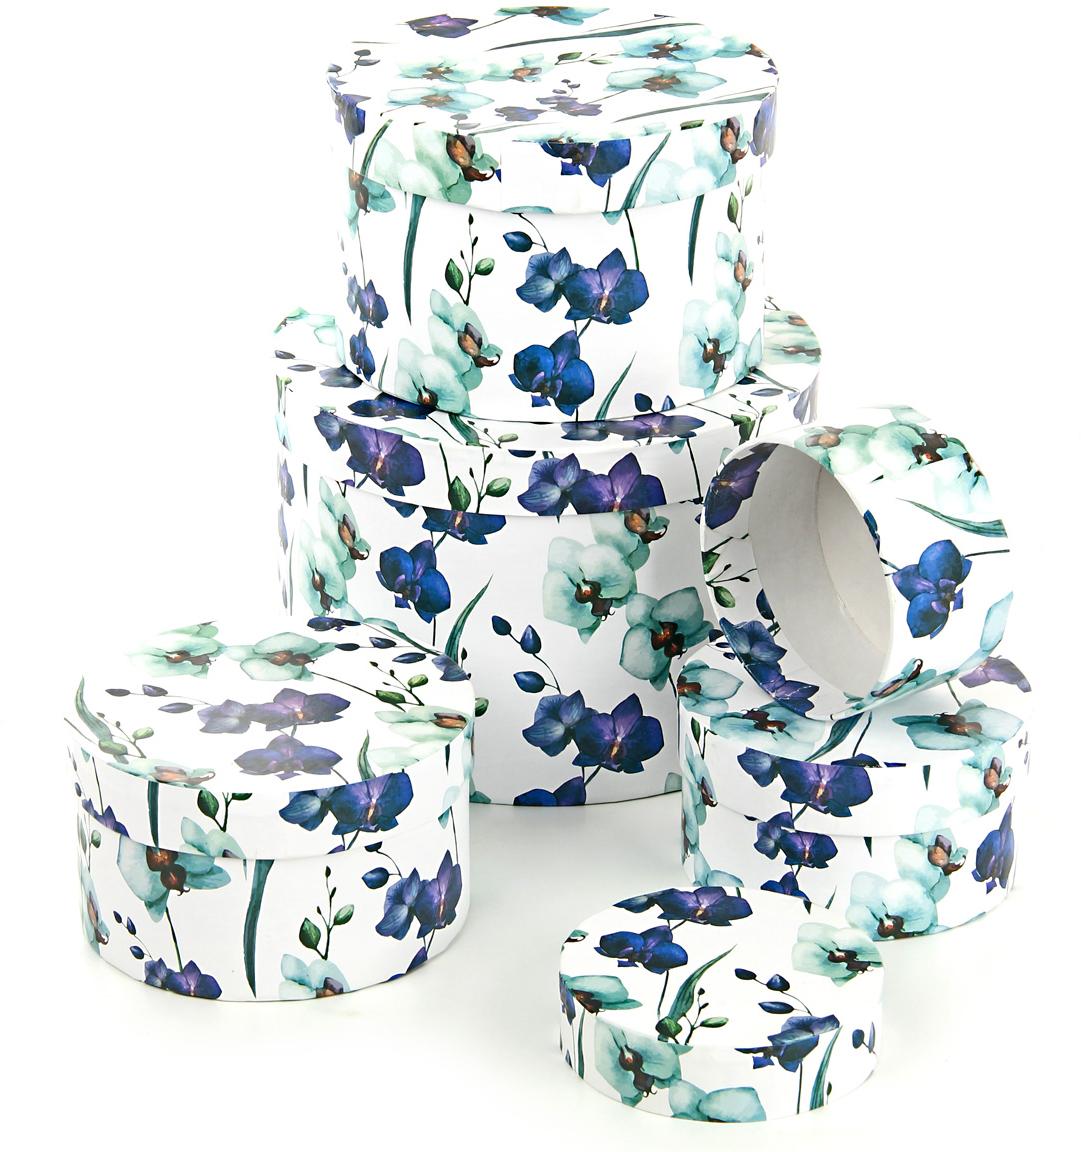 Набор подарочных коробок Veld-Co Ирисы, круглые, 5 шт57594Подарочные коробки Veld-Co - это наилучшее решение, если выхотите порадовать ваших близких и создать праздничное настроение, ведь подарок, преподнесенный в оригинальной упаковке, всегда будет самым эффектным и запоминающимся. Окружите близких людей вниманием и заботой, вручив презент в нарядном, праздничном оформлении.